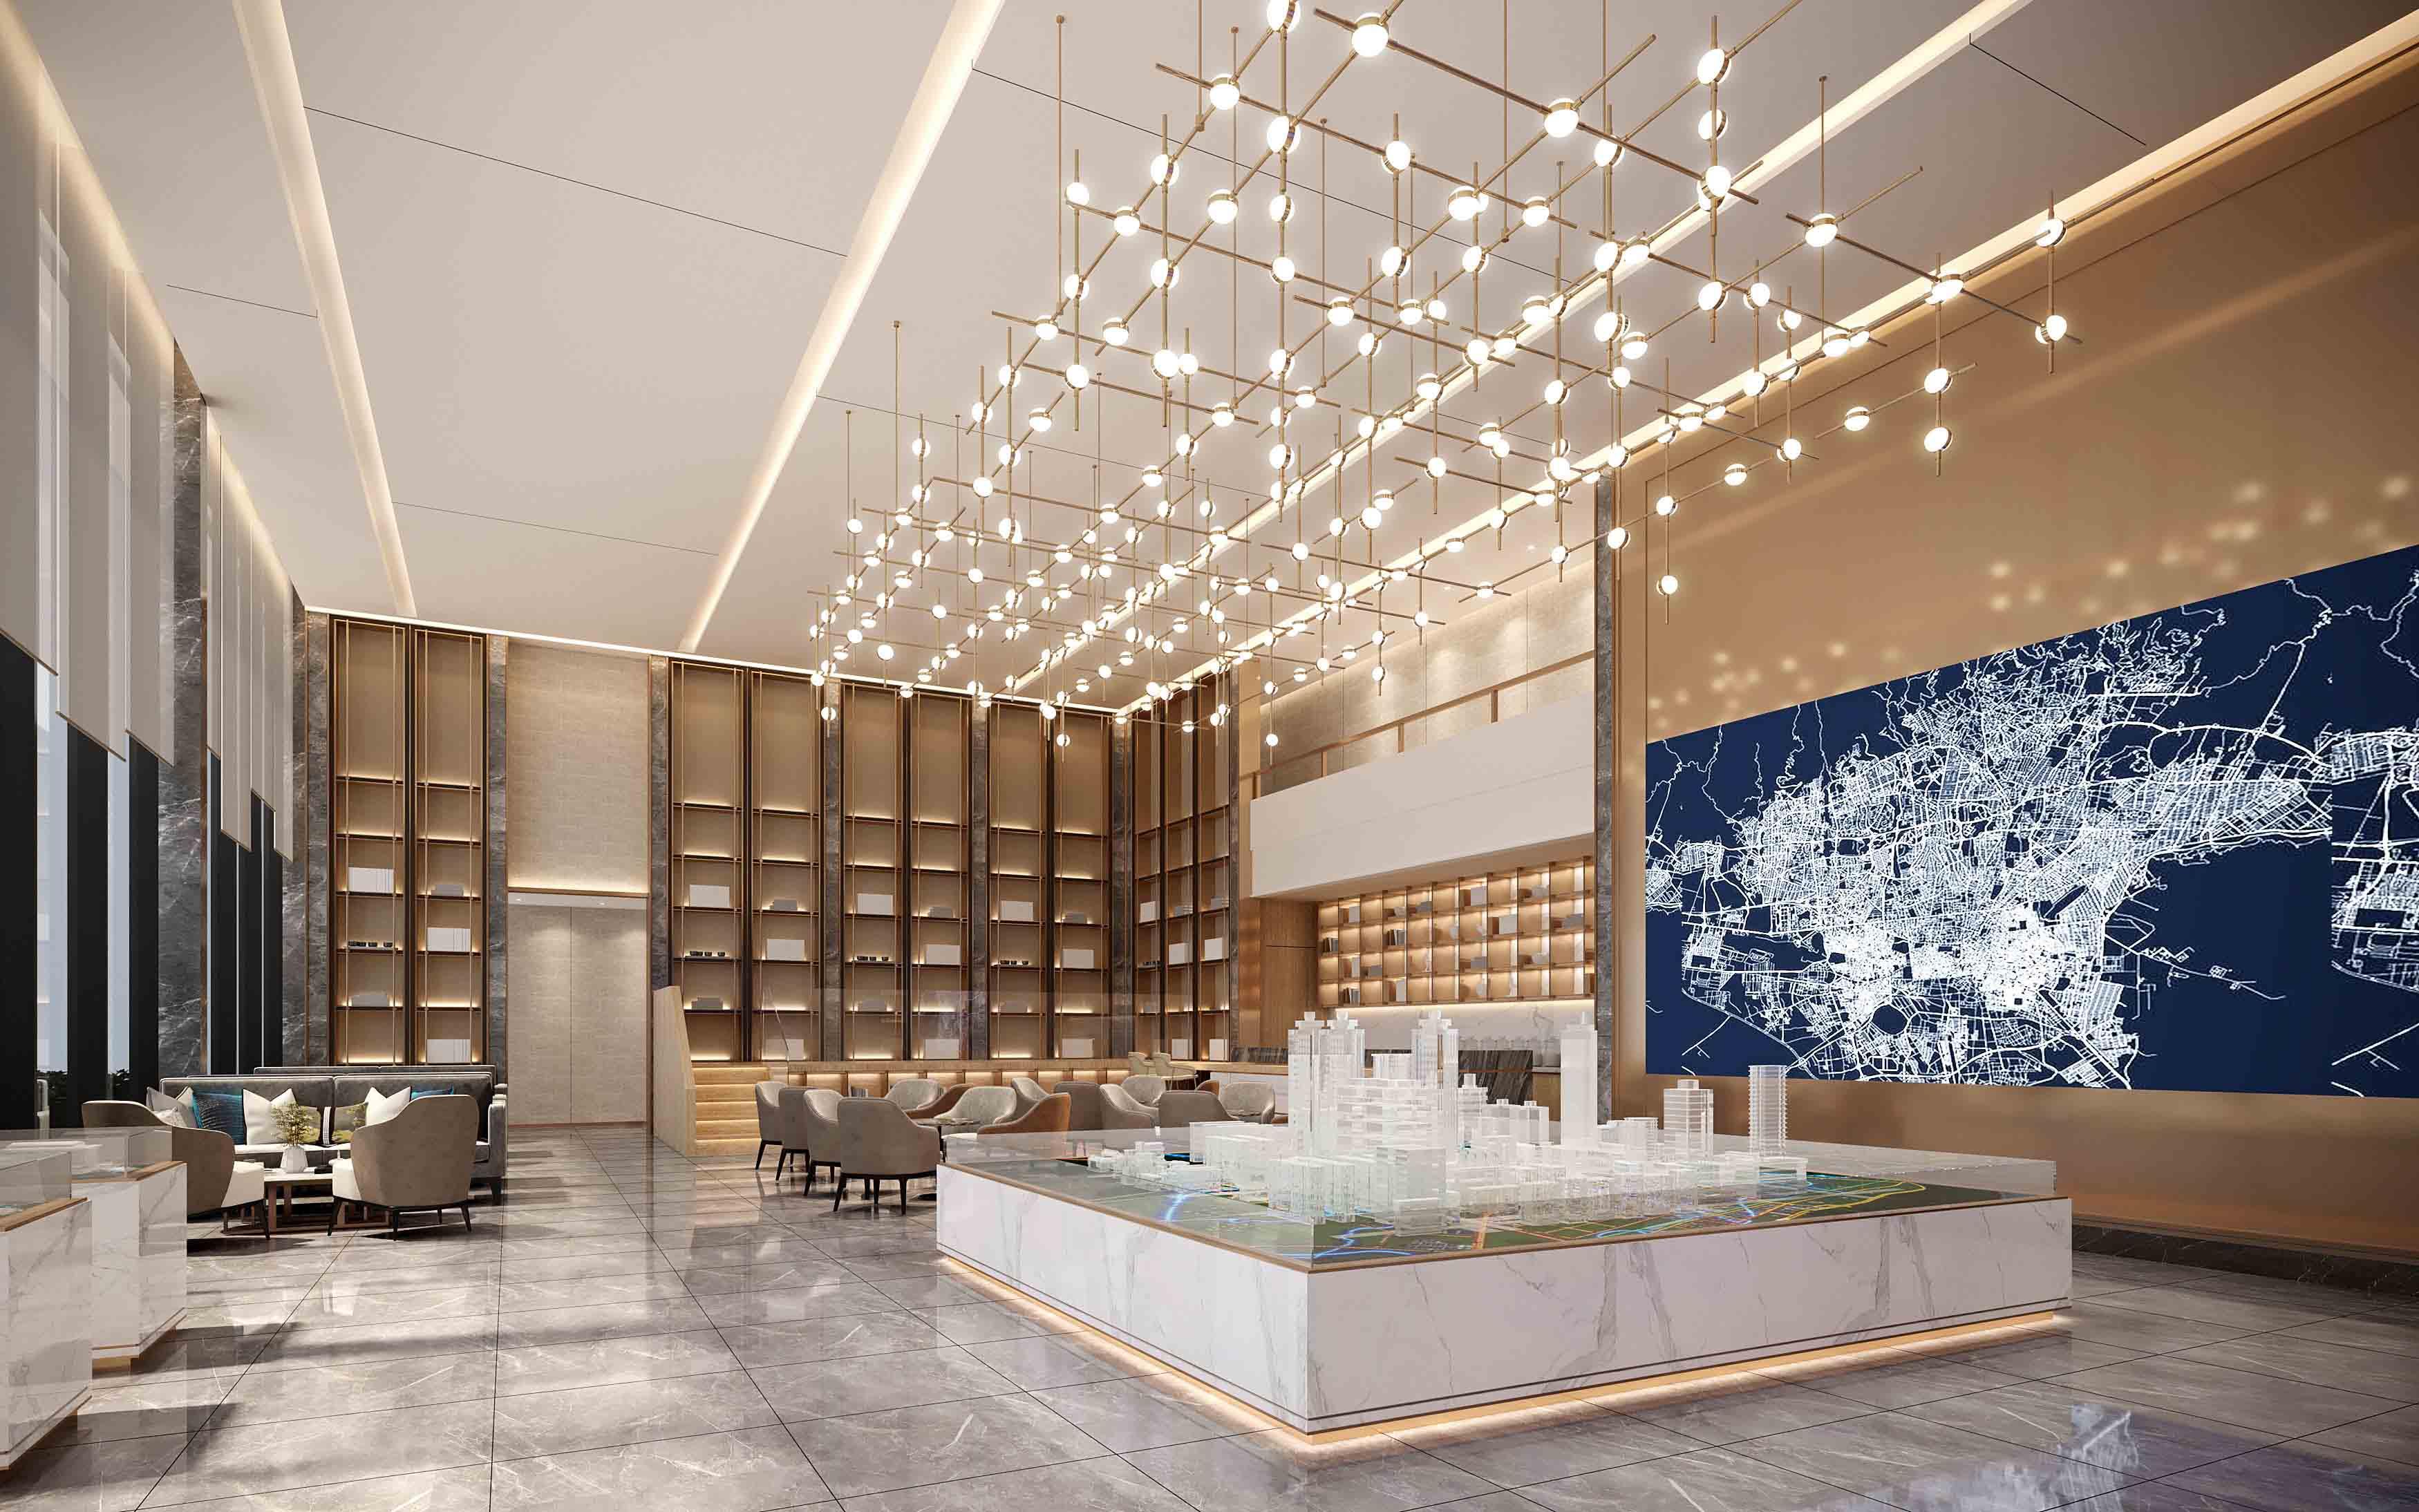 售楼部设计,售楼部软装设计,售楼部软装公司